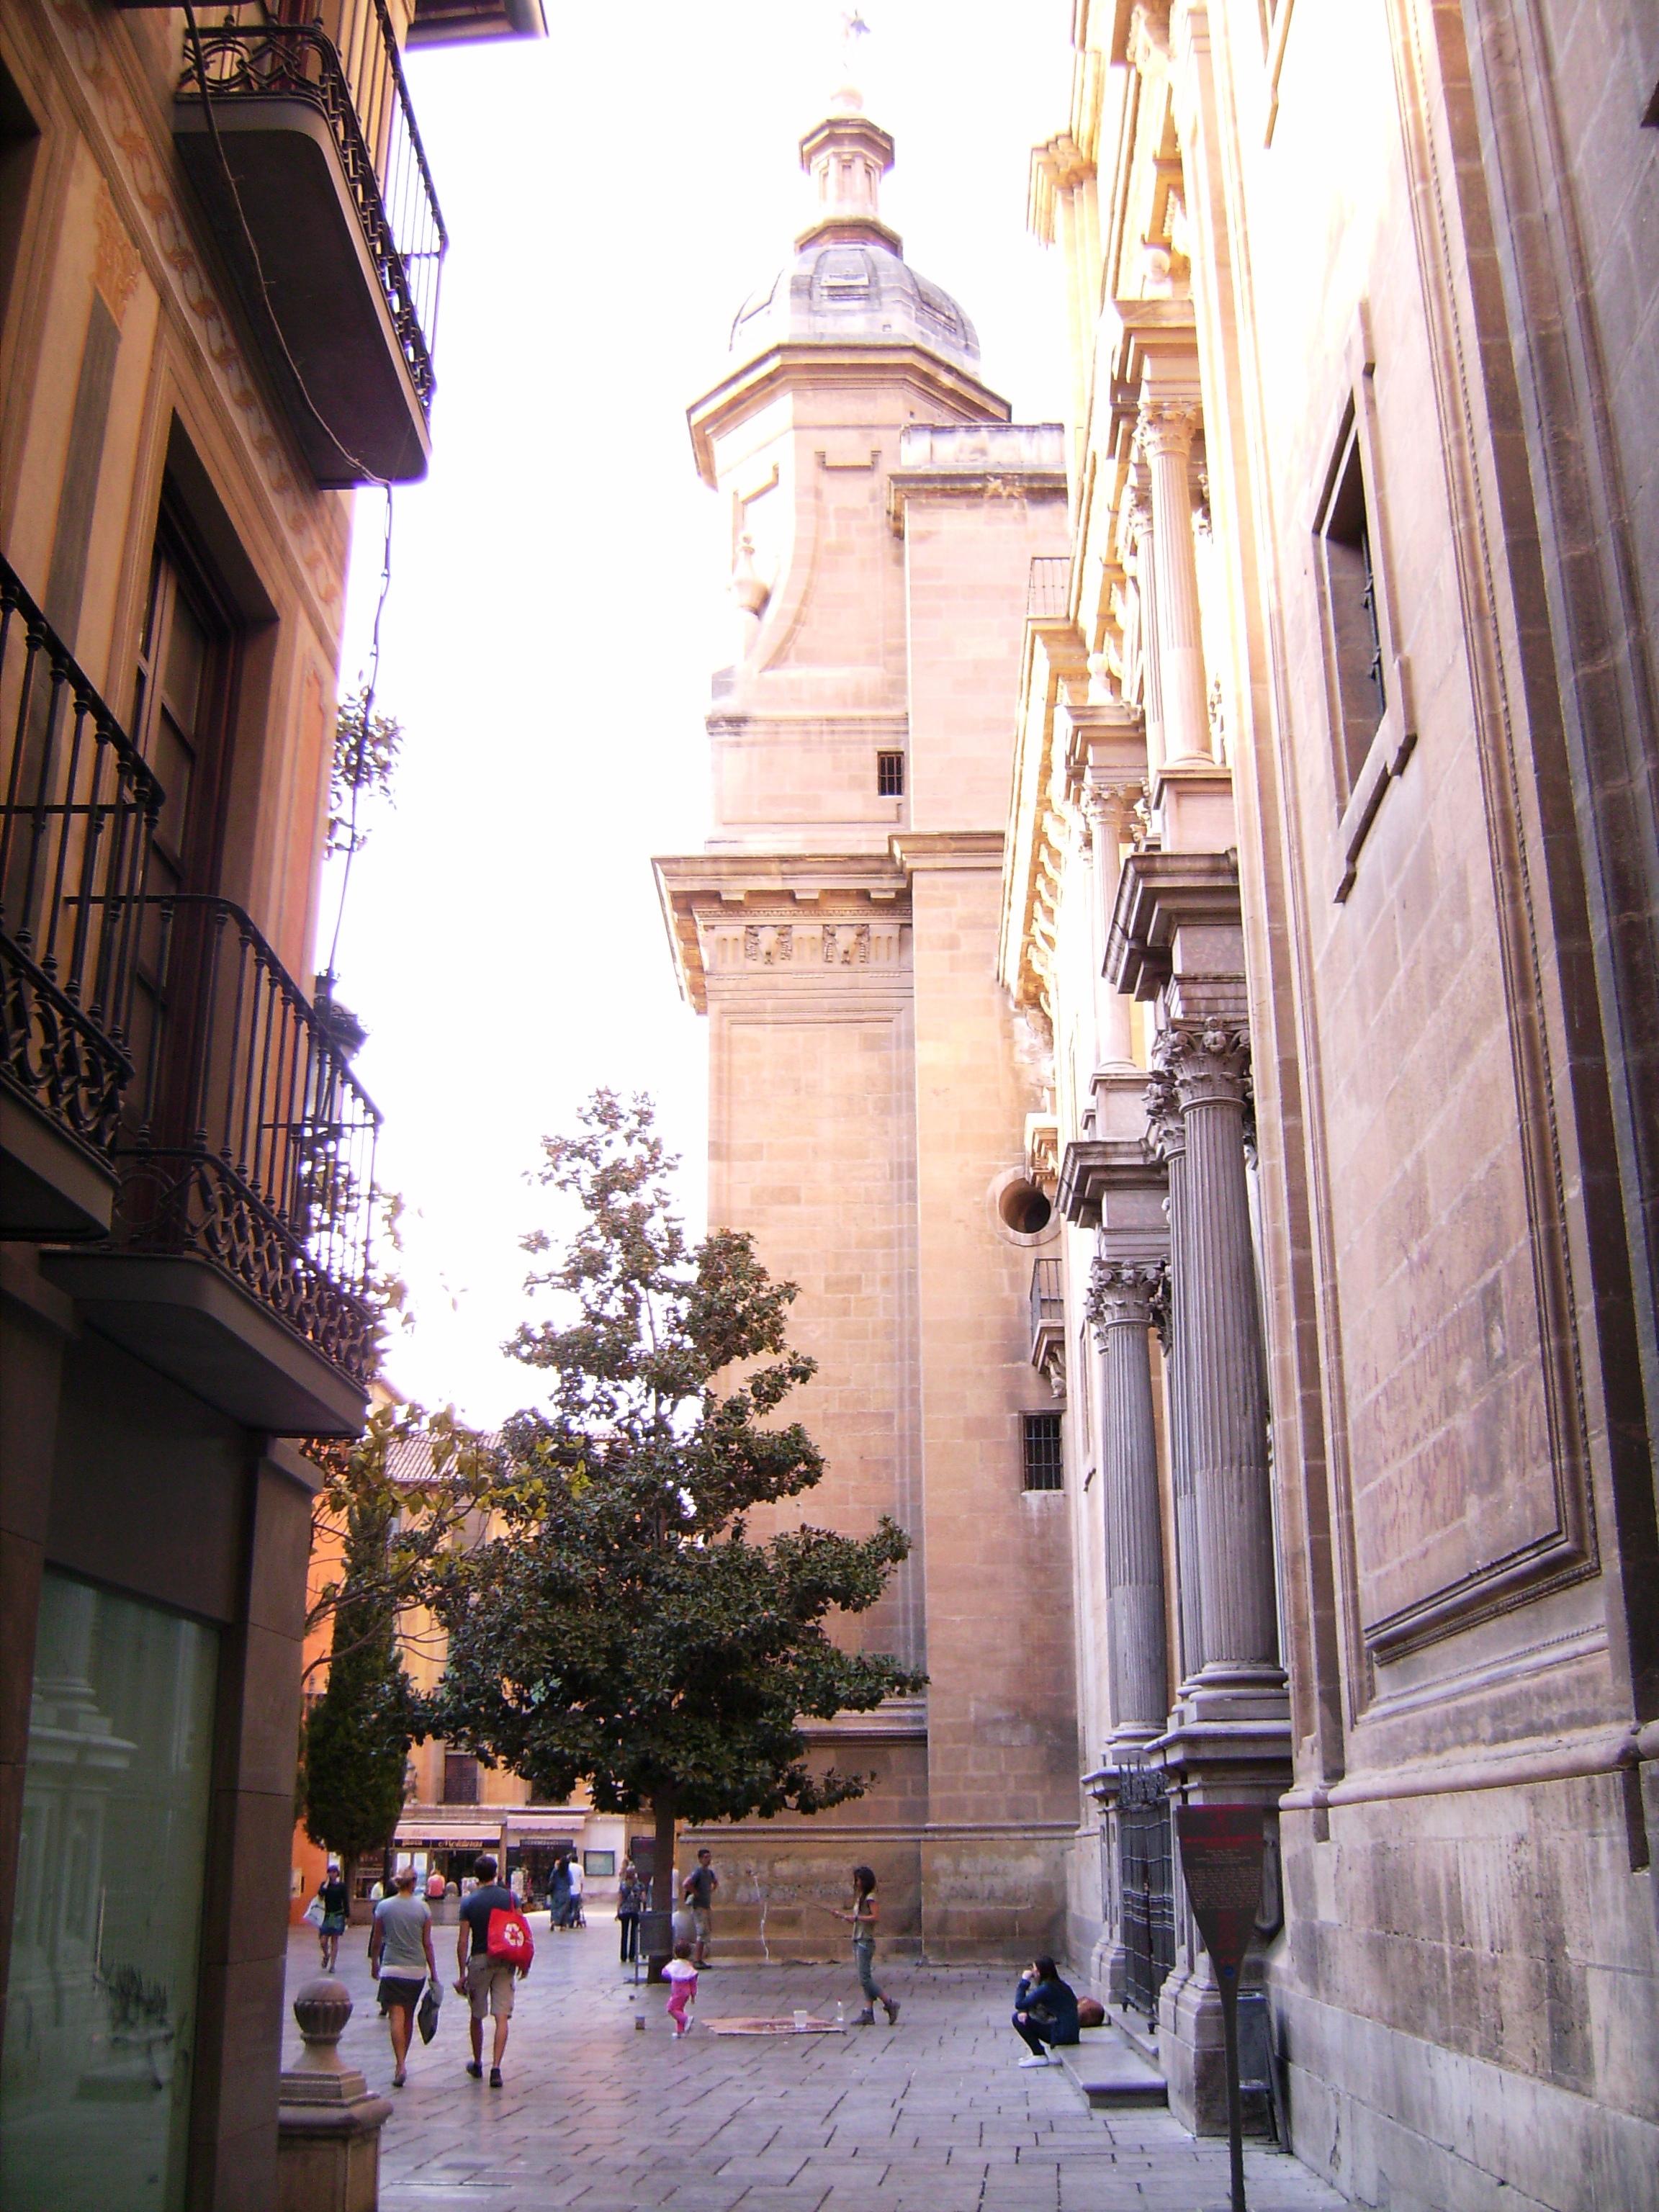 A katedrális építését a katolikus királyok* rendelték el 1503-ban, röviddel a város bevétele után. <br />*  https://elismondom.wordpress.com/2010/07/28/andaluz-nyar-04-granada-belvarosa-es-a-katolikus-kiralyok/<br />